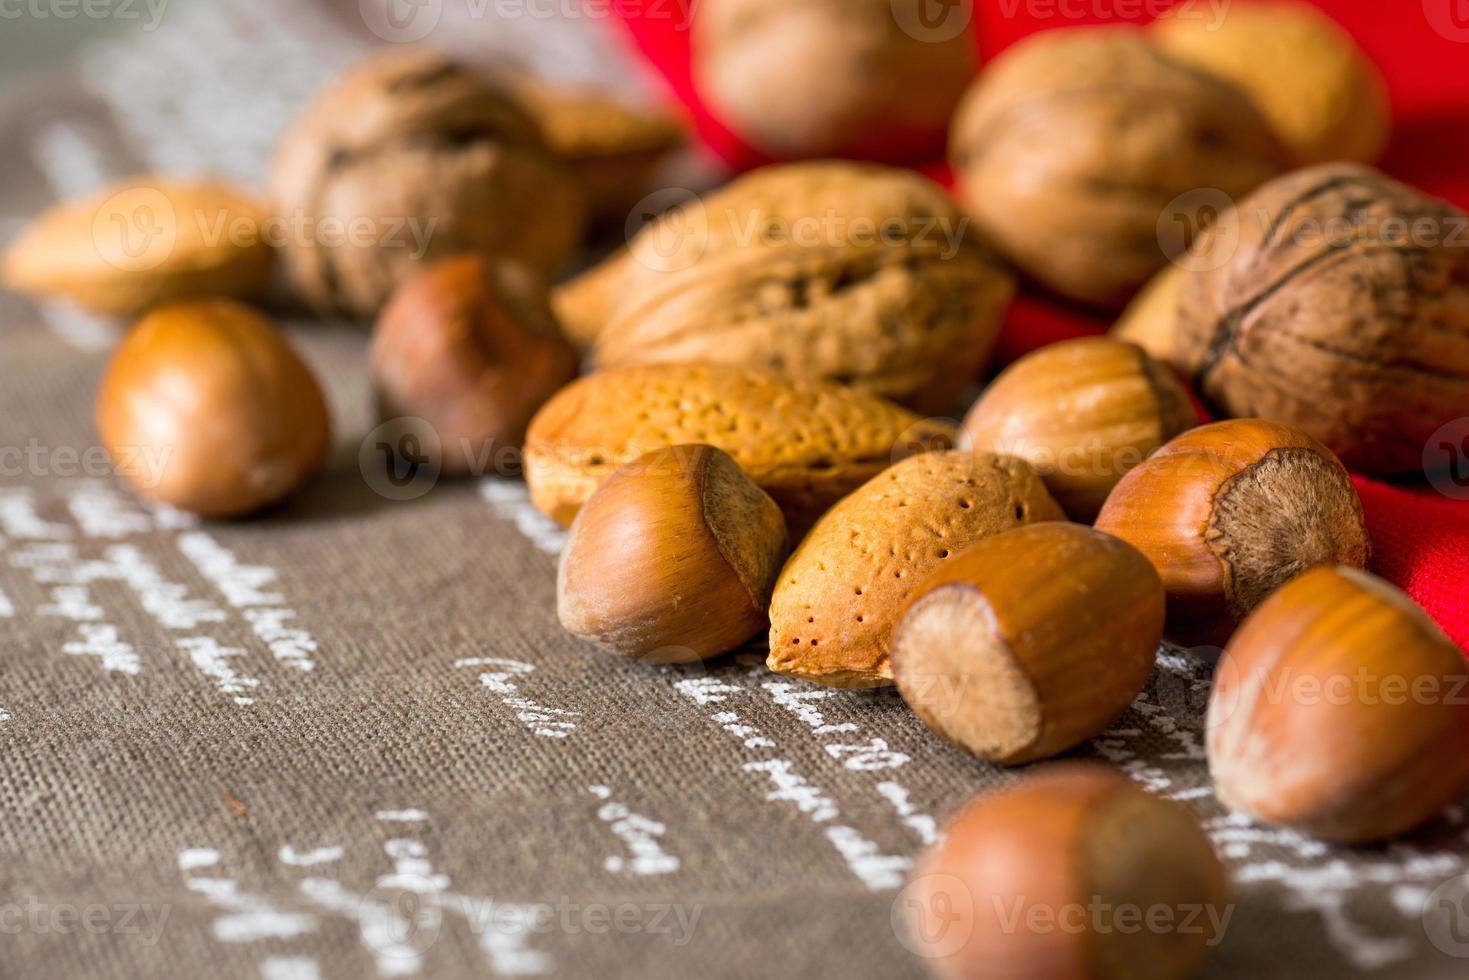 gemischte Nüsse im Vintage-Stil foto